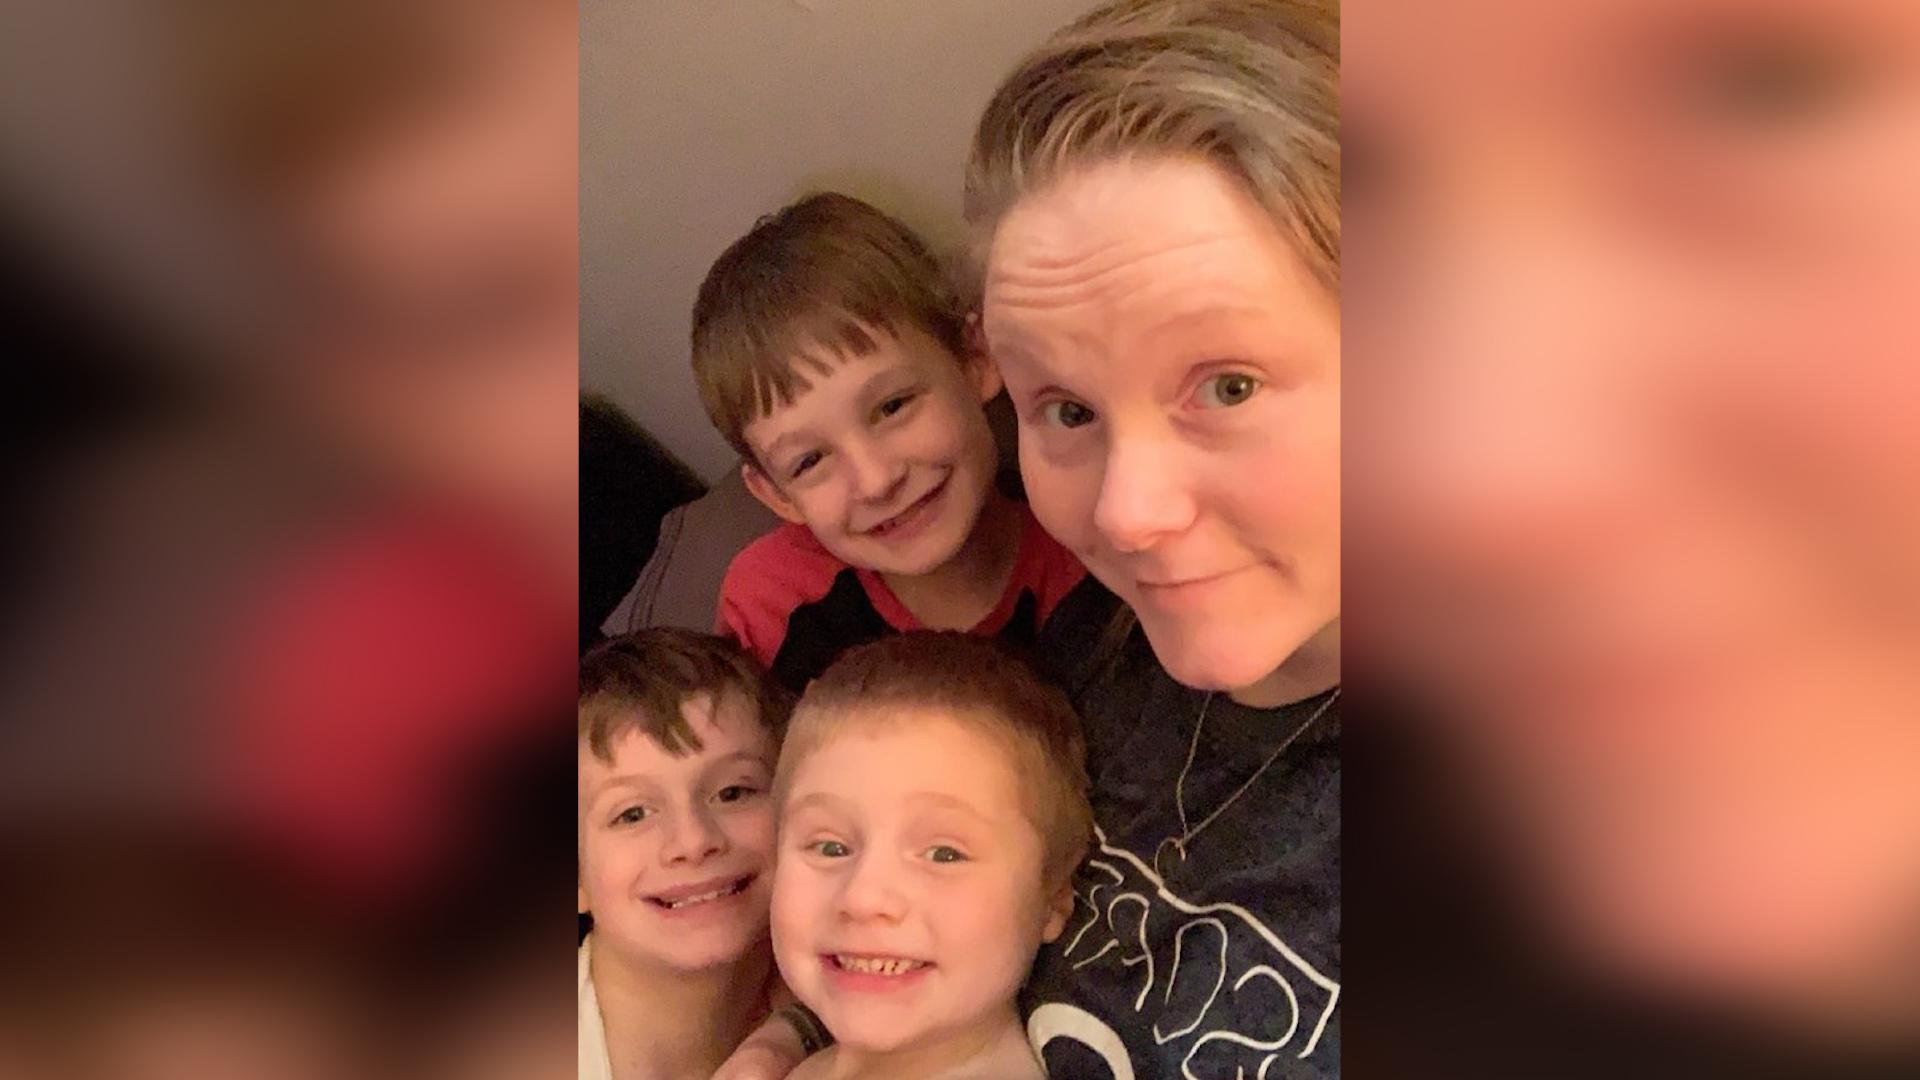 เด็กชายวัย 10 ขวบตัดสินใจบริจาคอวัยวะก่อนเสียชีวิต » TikTokJa Video Downloader